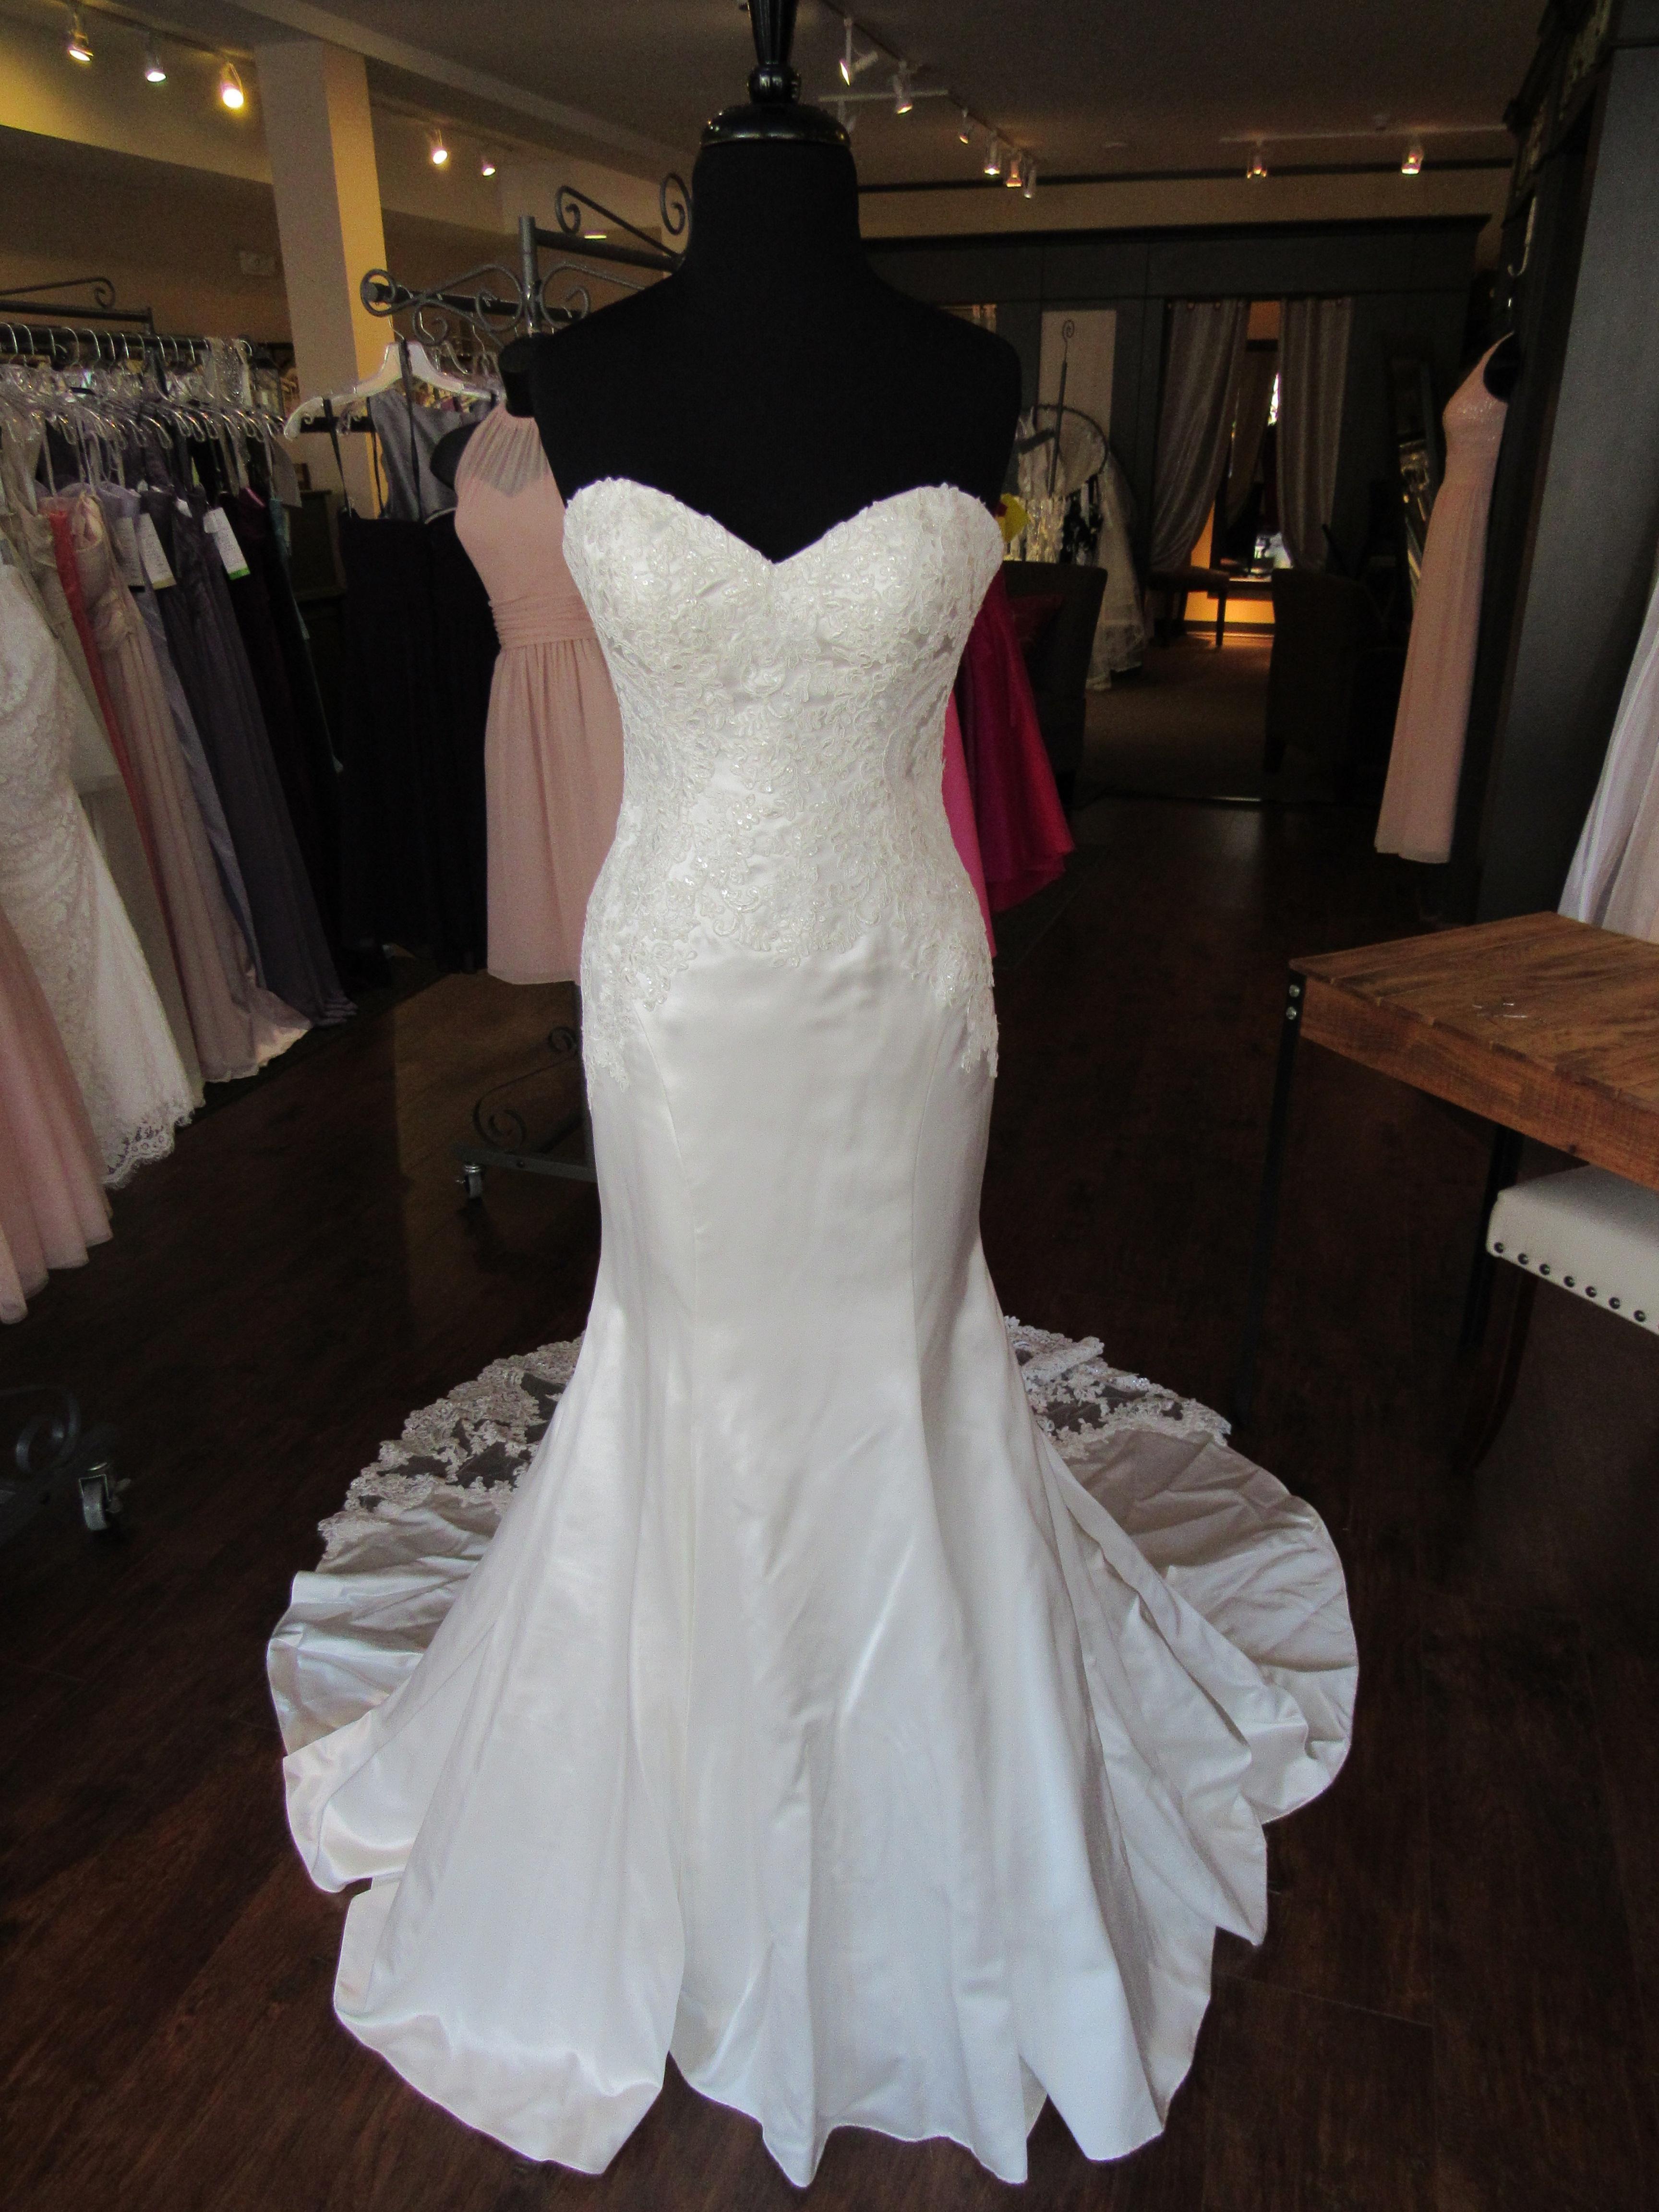 527d1717231e Stella York 6236 Wedding Dress. Stella York 6236 Wedding Dress on Tradesy  Weddings (formerly